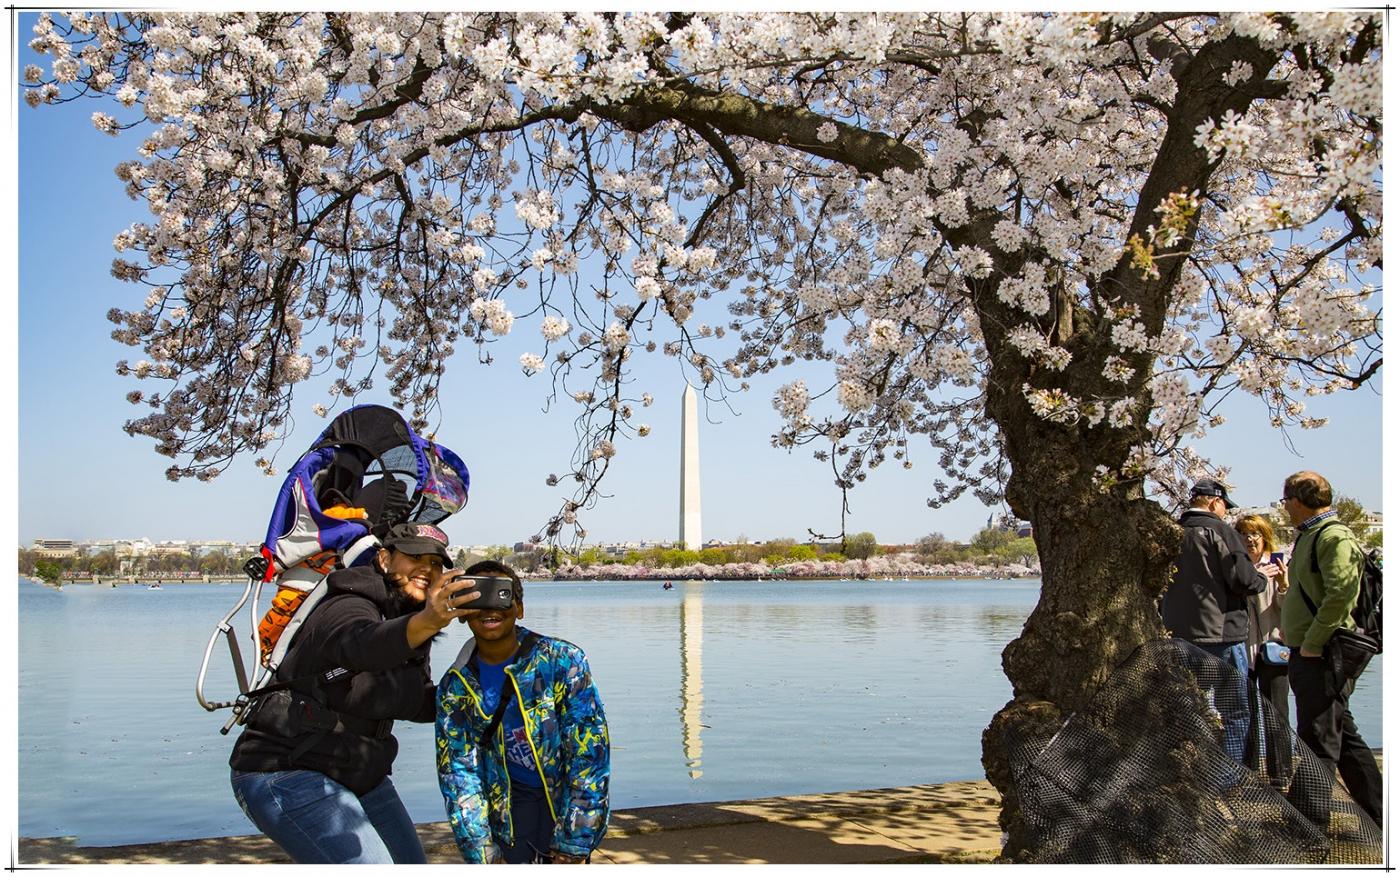 华盛顿樱花節_图1-12